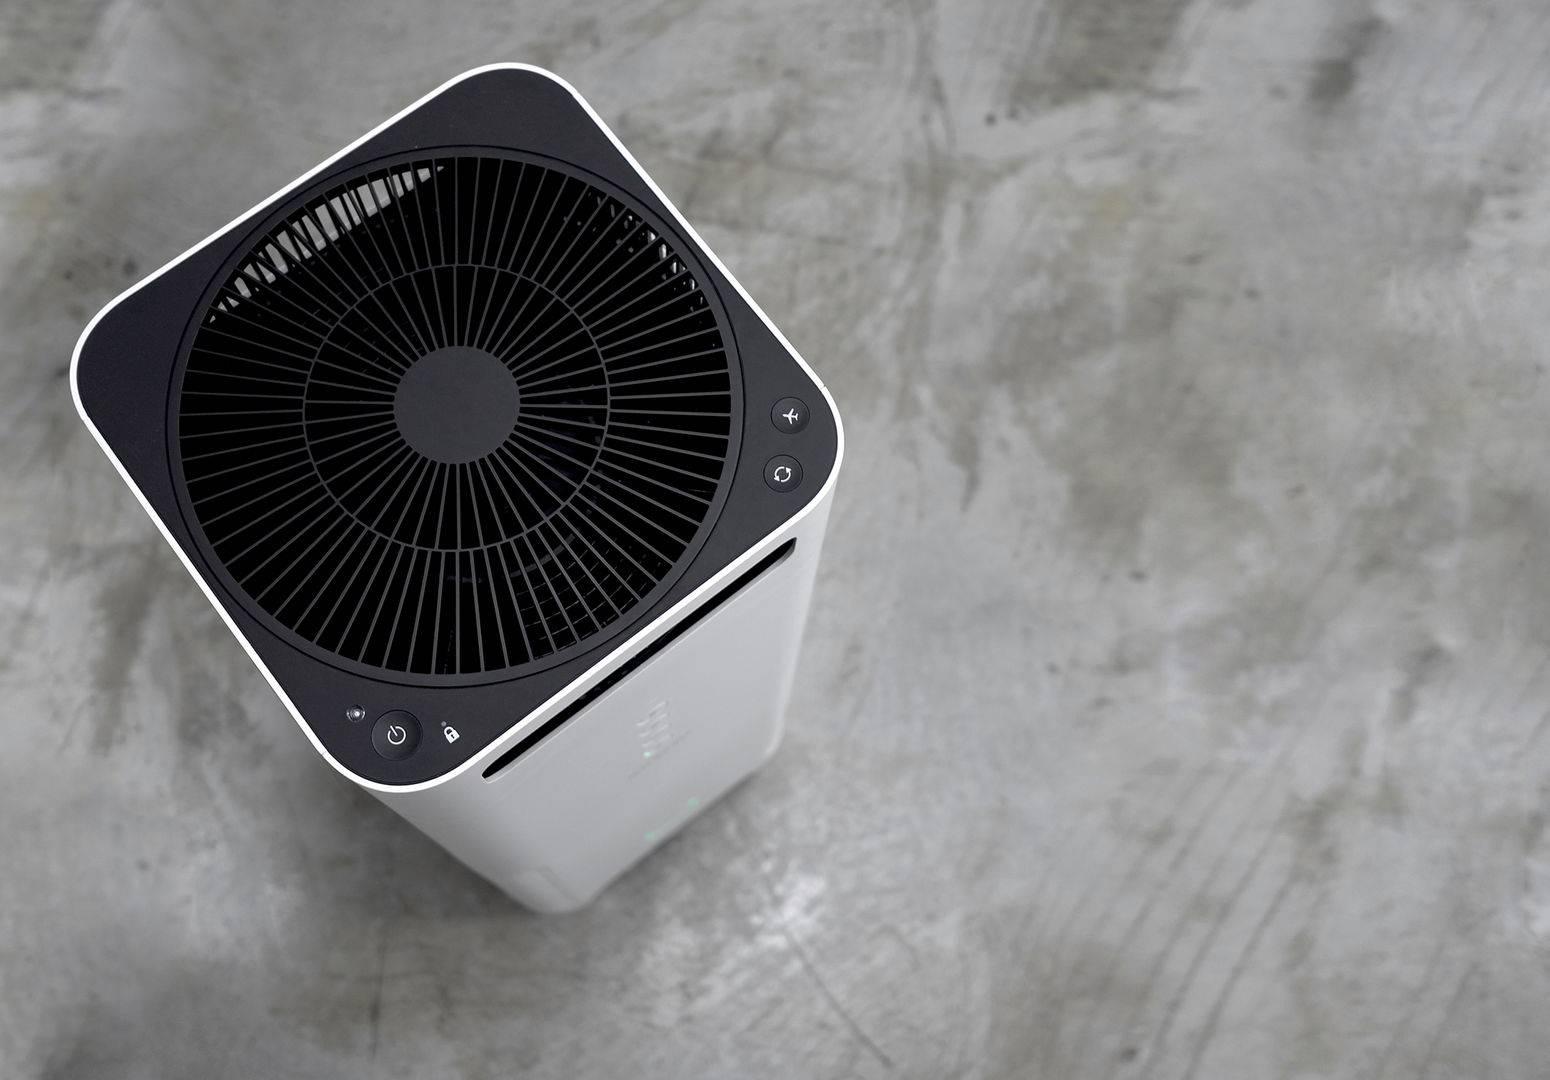 BALMUDA AirEngine / Air purifier PingWest 2